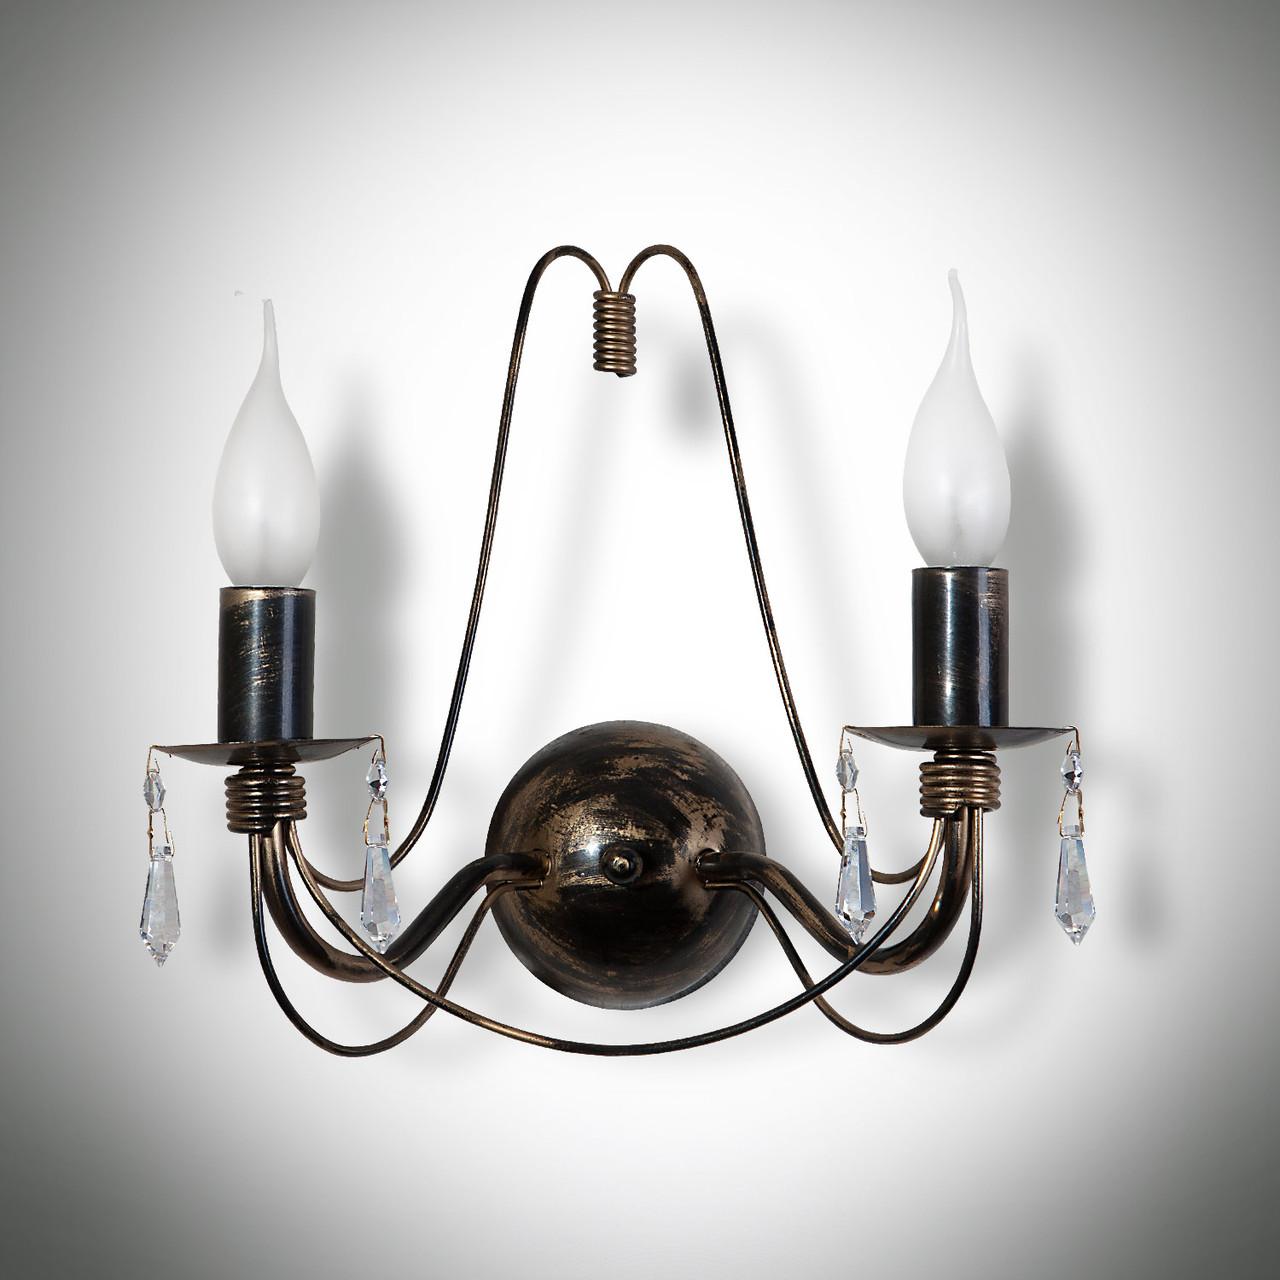 Бра 2-х ламповое c хрустальными подвесками 19730-1